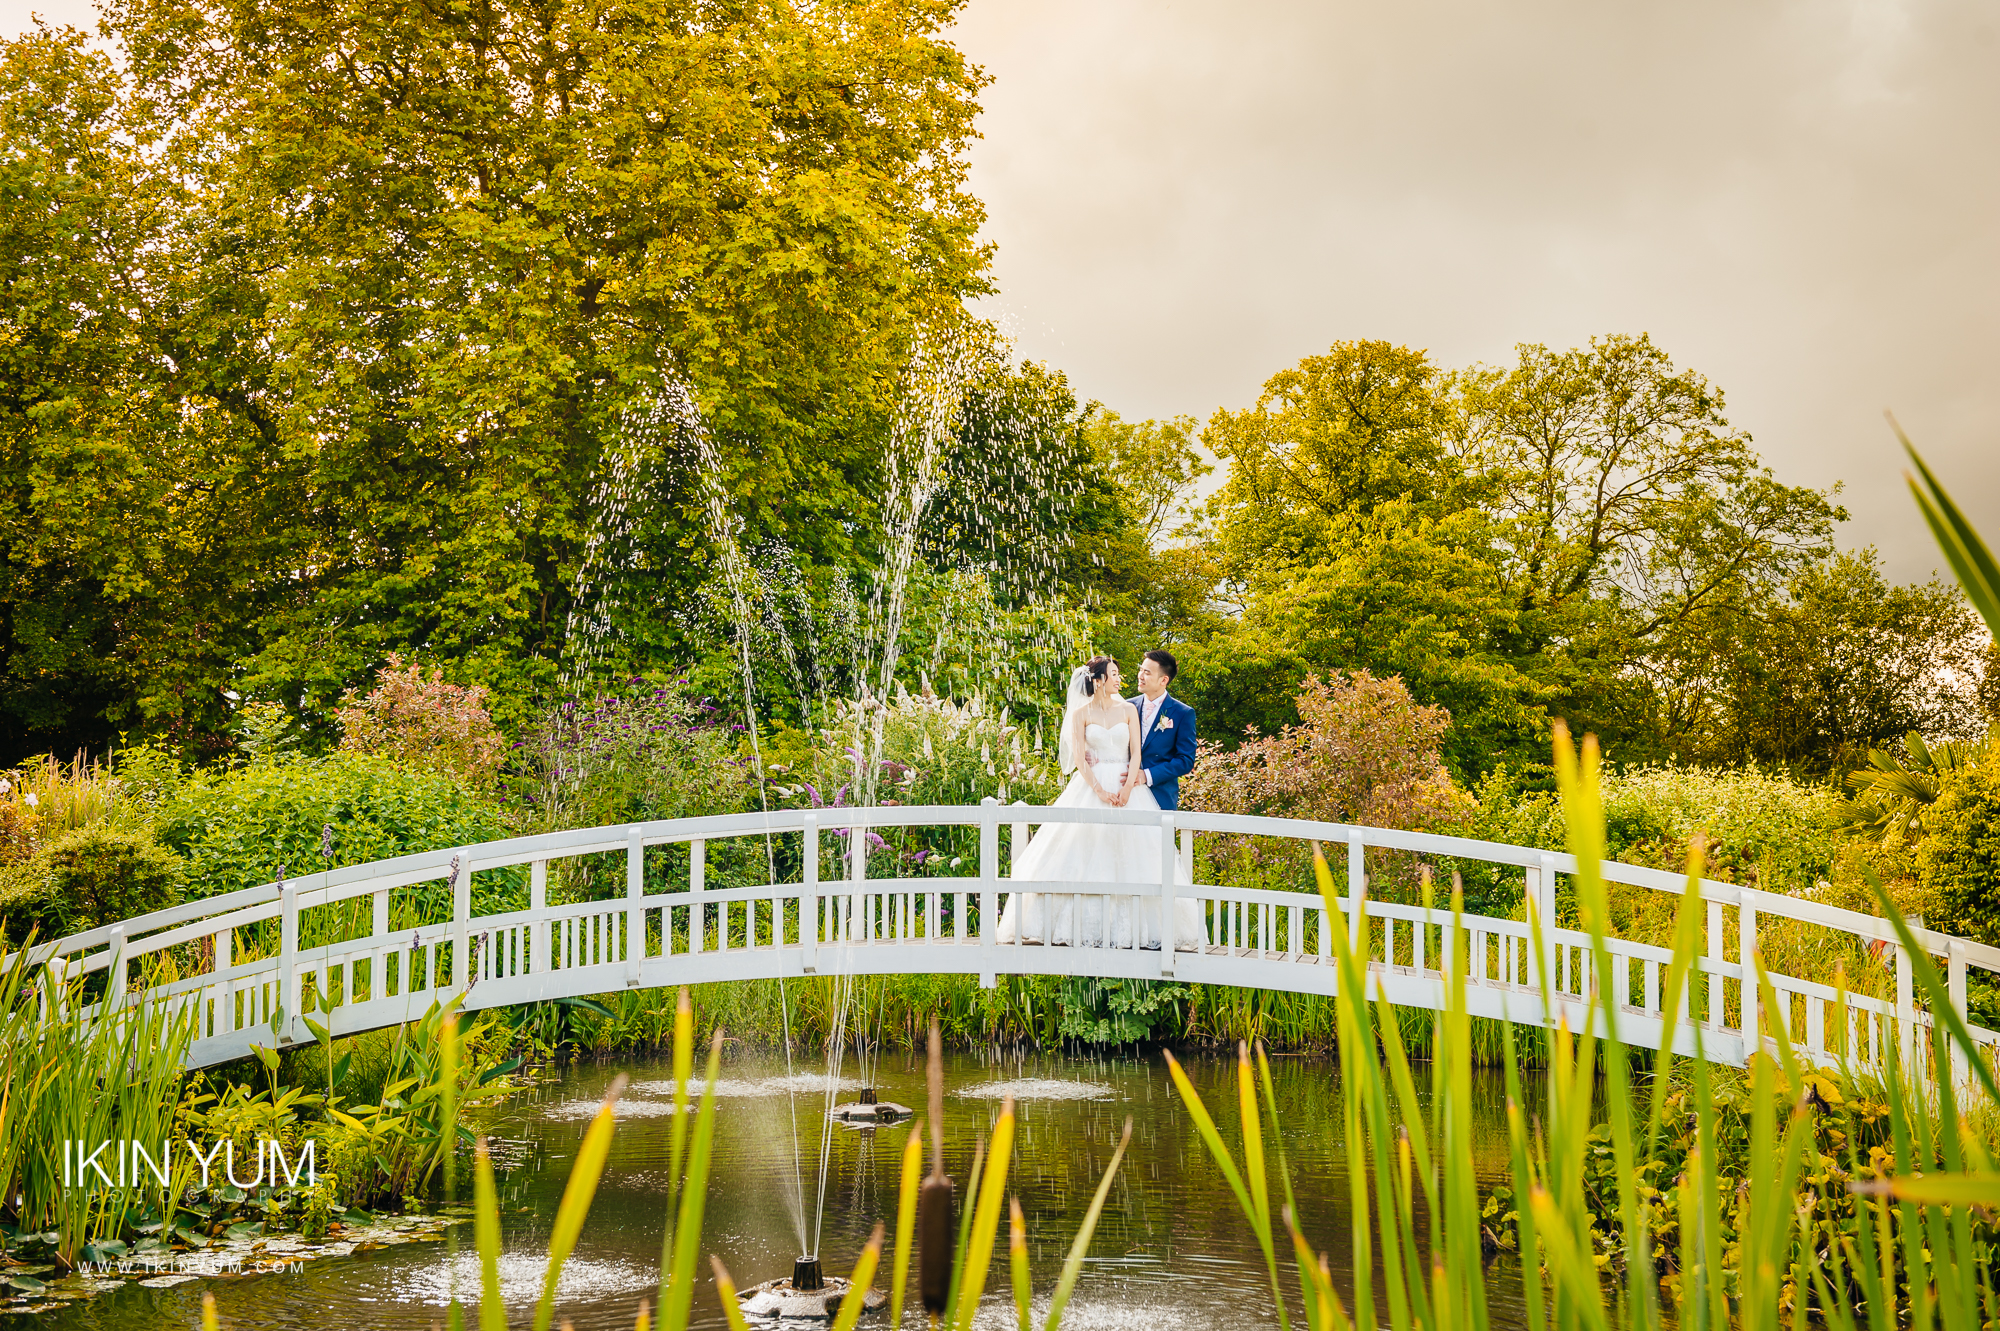 Sylvianne & Chun Wedding Day - Ikin Yum Photography-094.jpg